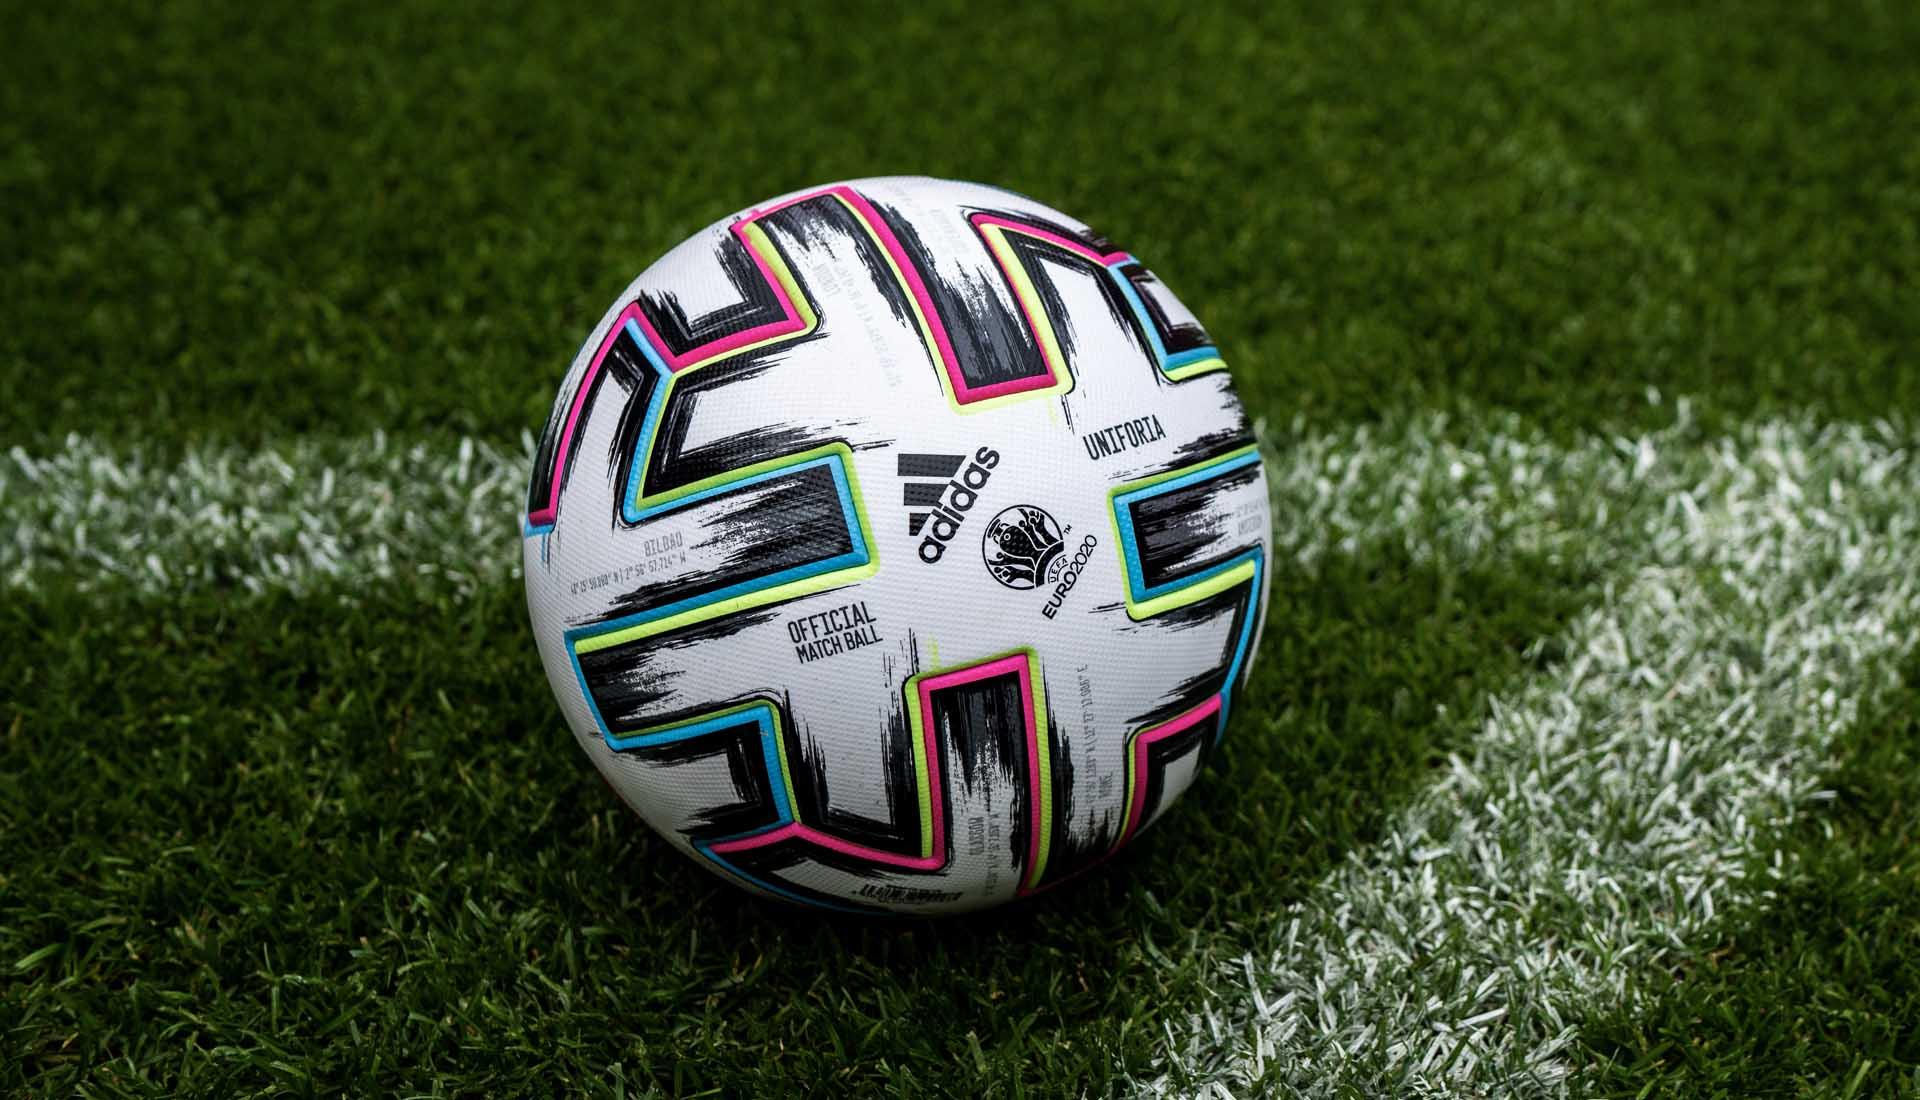 Boser buben ball 2020